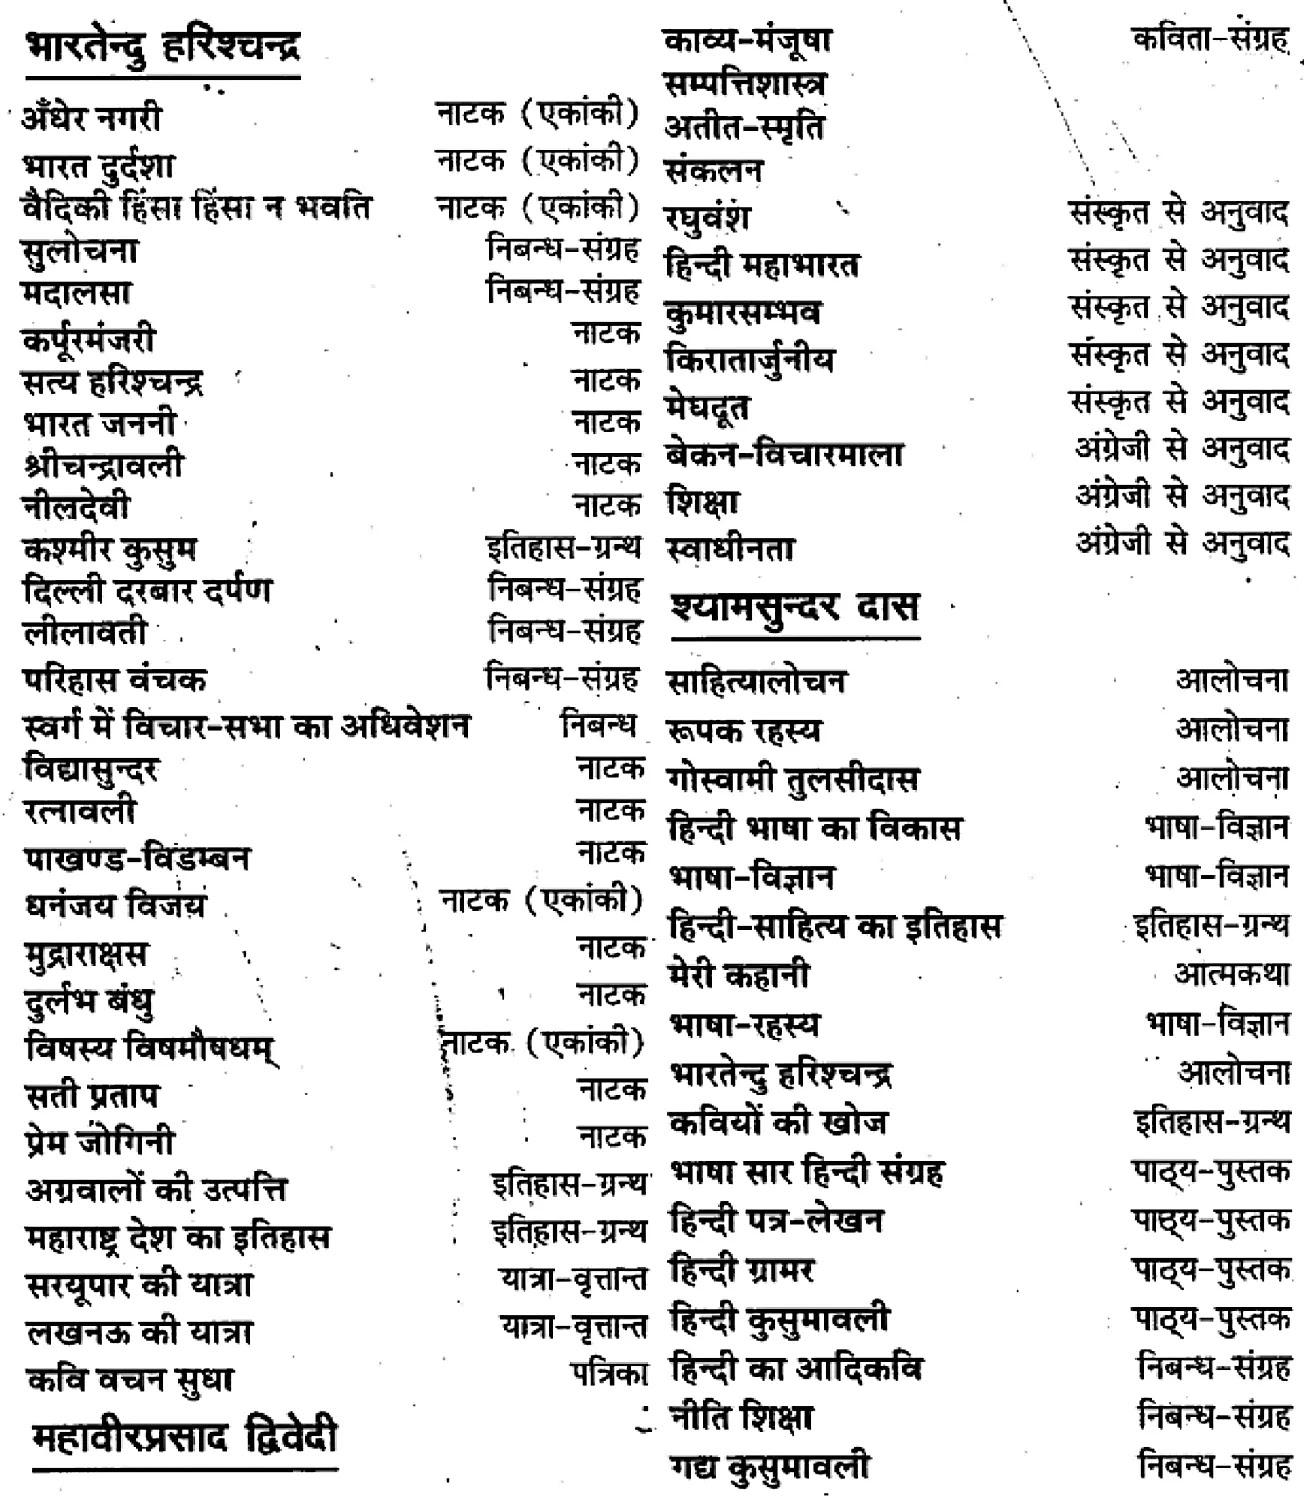 कक्षा 11 सामान्य हिंदीगद्य-साहित्य गद्य-गरिमा में संकलित लेखक और उनकी रचनाएँ के नोट्स सामान्य हिंदी में एनसीईआरटी समाधान, class 11 samanya hindi khand kaavyagady-saahity gady-garima mein sankalit lekhak aur unakee rachanaen, class 11 samanya hindi gady-saahity gady-garima mein sankalit lekhak aur unakee rachanaenncert solutions in samanya hindi, class 11 samanya hindi gady-saahity gady-garima mein sankalit lekhak aur unakee rachanaennotes in samanya hindi, class 11 samanya hindi gady-saahity gady-garima mein sankalit lekhak aur unakee rachanaenquestion answer, class 11 samanya hindi gady-saahity gady-garima mein sankalit lekhak aur unakee rachanaennotes, 11 class gady-saahity gady-garima mein sankalit lekhak aur unakee rachanaengady-saahity gady-garima mein sankalit lekhak aur unakee rachanaenin samanya hindi, class 11 samanya hindi gady-saahity gady-garima mein sankalit lekhak aur unakee rachanaenin samanya hindi, class 11 samanya hindi gady-saahity gady-garima mein sankalit lekhak aur unakee rachanaenimportant questions in samanya hindi, class 11 samanya hindi gady-saahity gady-garima mein sankalit lekhak aur unakee rachanaen notes in samanya hindi, class 11 samanya hindi gady-saahity gady-garima mein sankalit lekhak aur unakee rachanaentest, class 11 samanya hindi chapter 1 gady-saahity gady-garima mein sankalit lekhak aur unakee rachanaenpdf, class 11 samanya hindi gady-saahity gady-garima mein sankalit lekhak aur unakee rachanaennotes pdf, class 11 samanya hindi gady-saahity gady-garima mein sankalit lekhak aur unakee rachanaenexercise solutions, class 11 samanya hindi khand kaavyagady-saahity gady-garima mein sankalit lekhak aur unakee rachanaen, class 11 samanya hindi gady-saahity gady-garima mein sankalit lekhak aur unakee rachanaennotes study rankers, class 11 samanya hindi gady-saahity gady-garima mein sankalit lekhak aur unakee rachanaennotes, class 11 samanya hindi gady-saahity gady-garima mein sankalit lekhak aur unakee rachanaen notes, gady-saahity gad